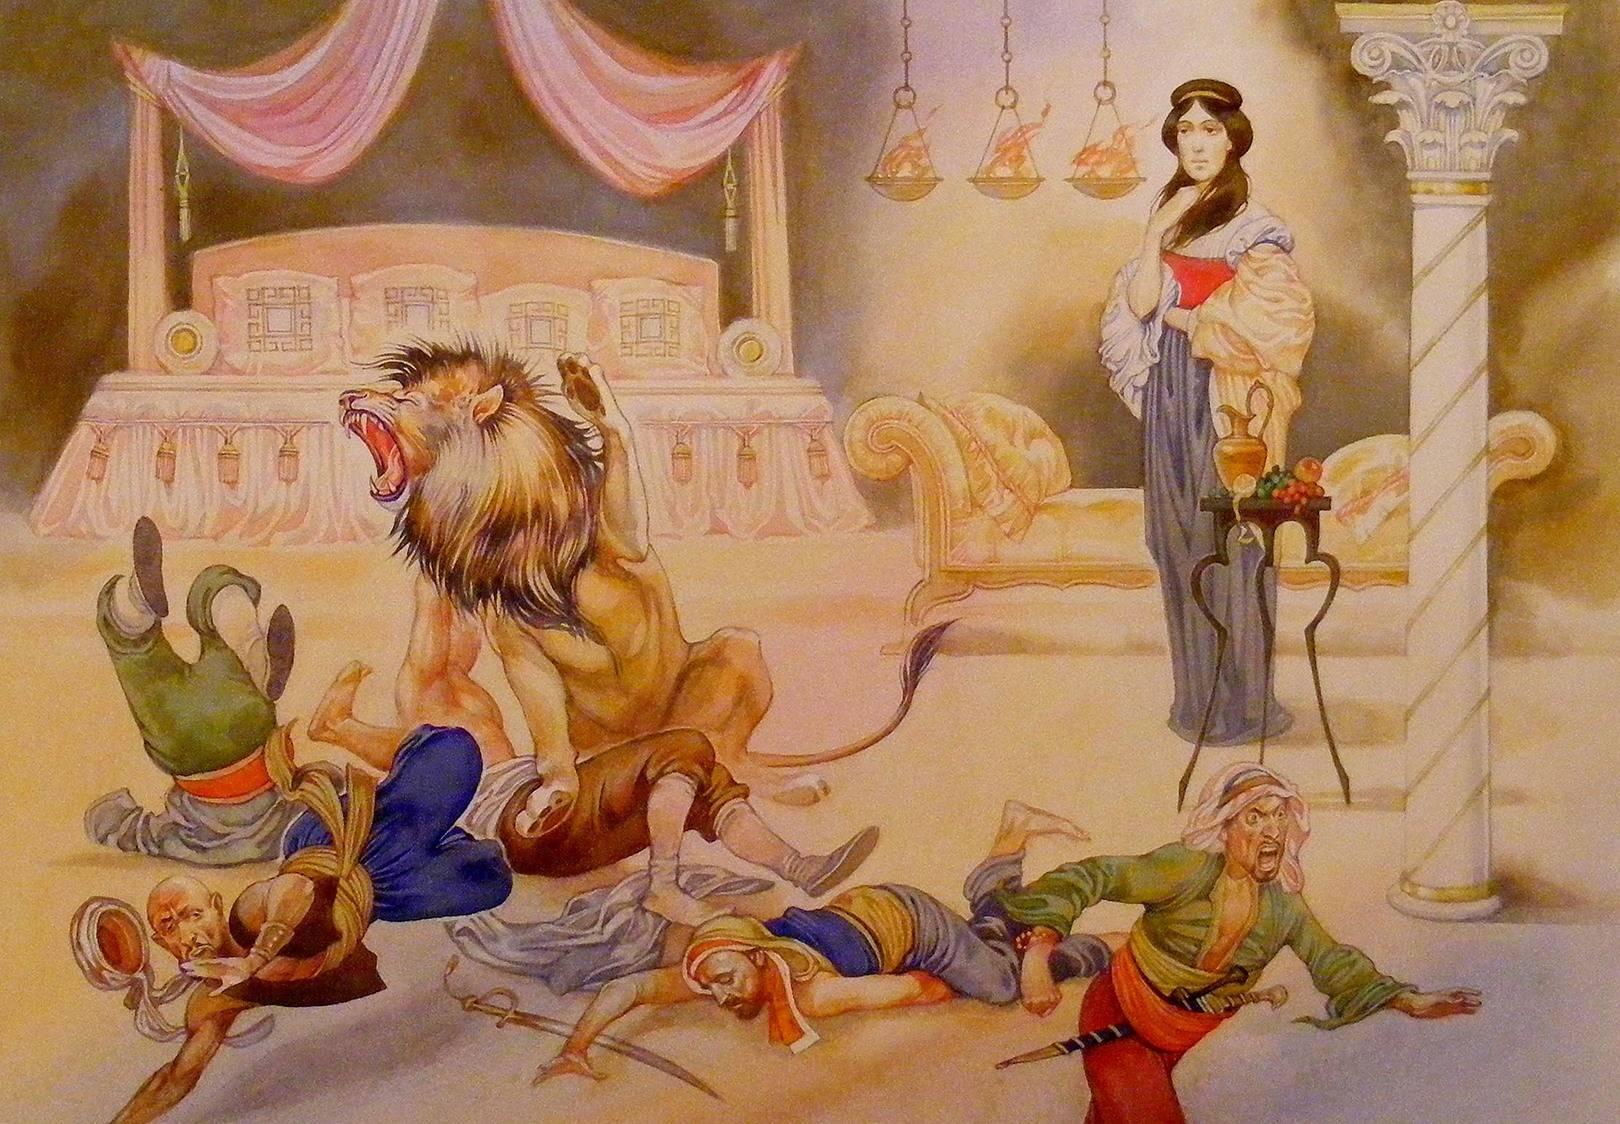 Иллюстрация св. Дарья